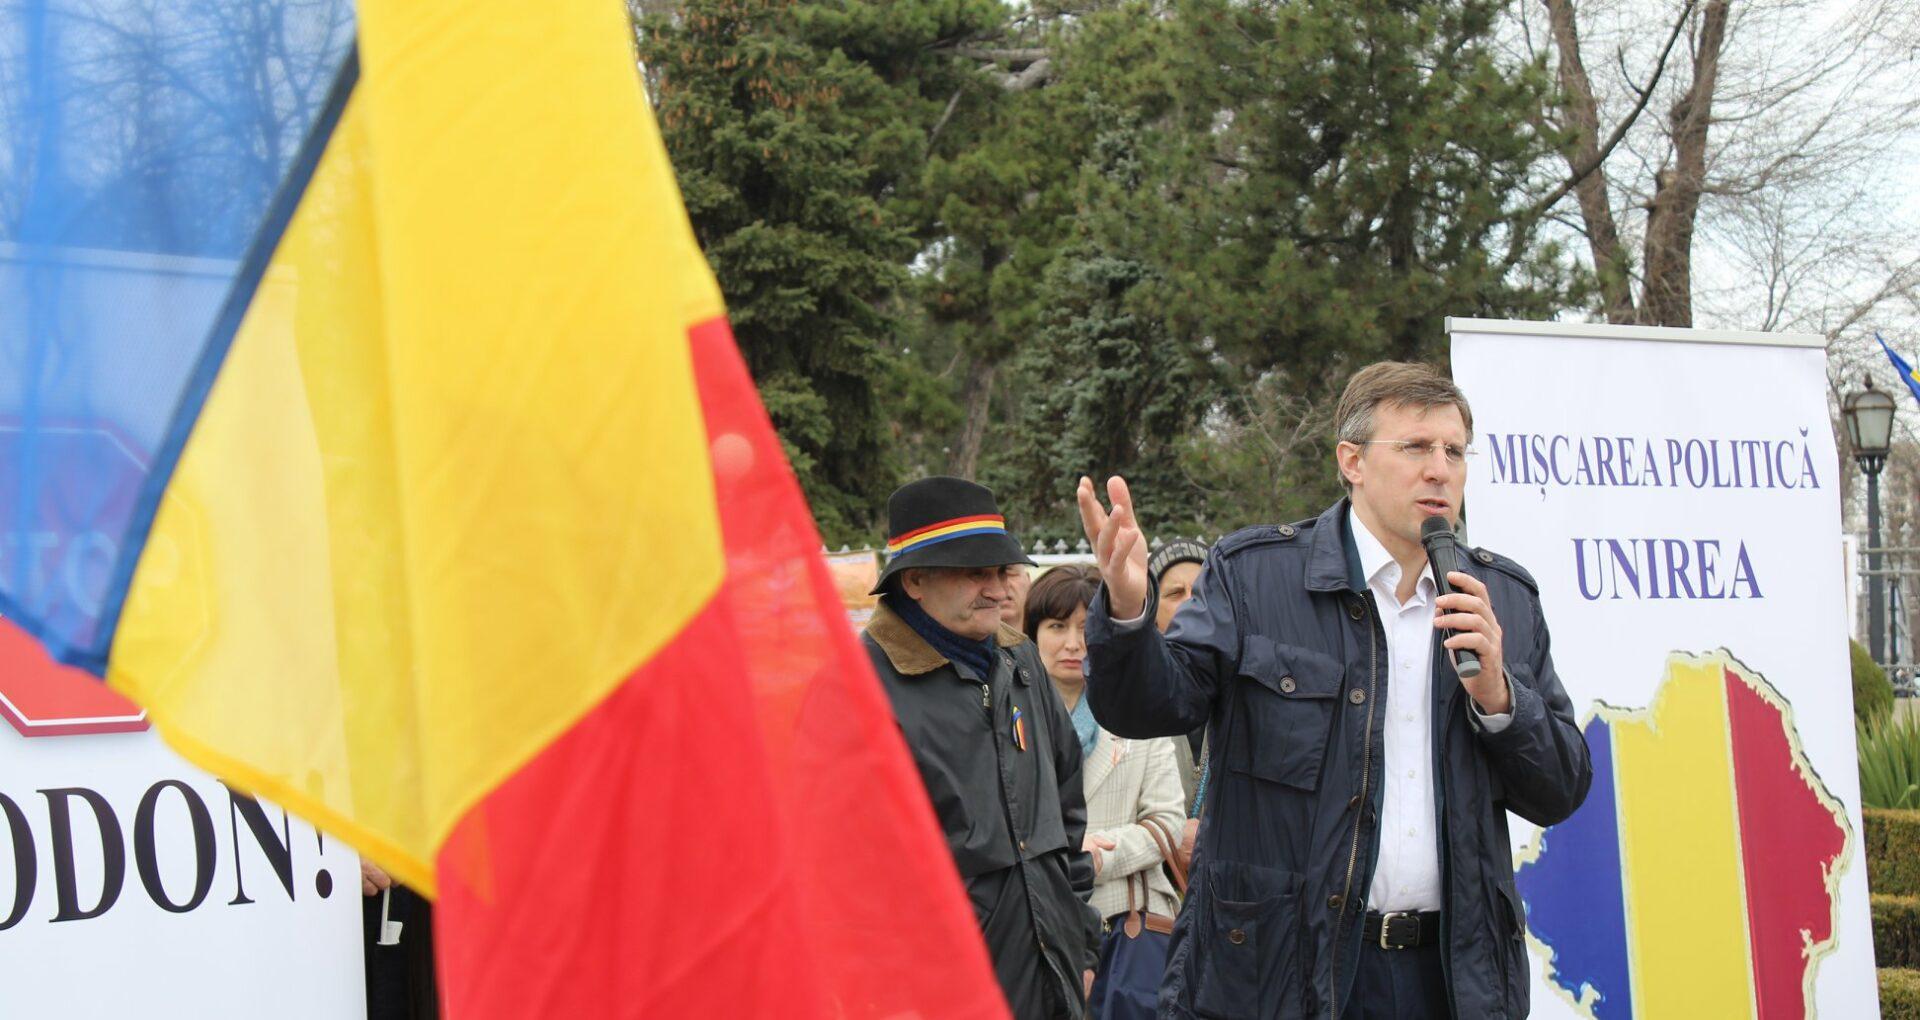 DOC/ Mișcarea Politică UNIREA și-a desemnat candidatul pentru alegerile prezidențiale din toamnă